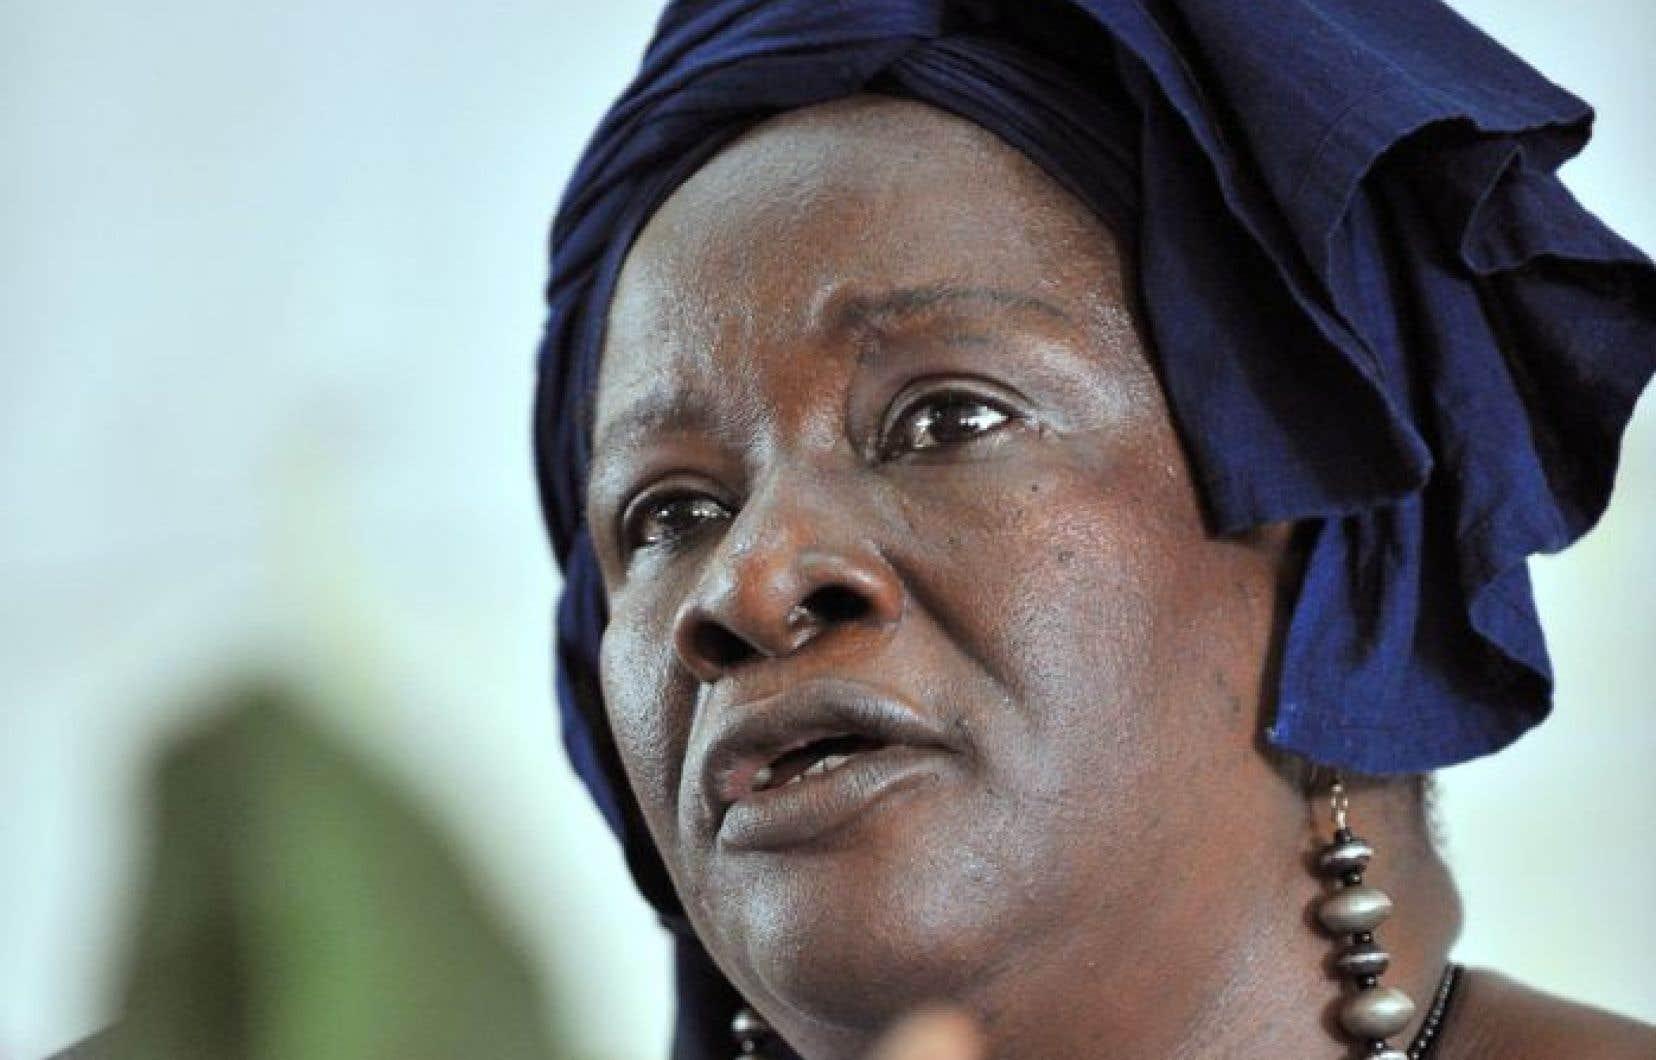 L'ex-ministre malienne et militante altermondialiste Aminata Traoré a un passeport diplomatique.